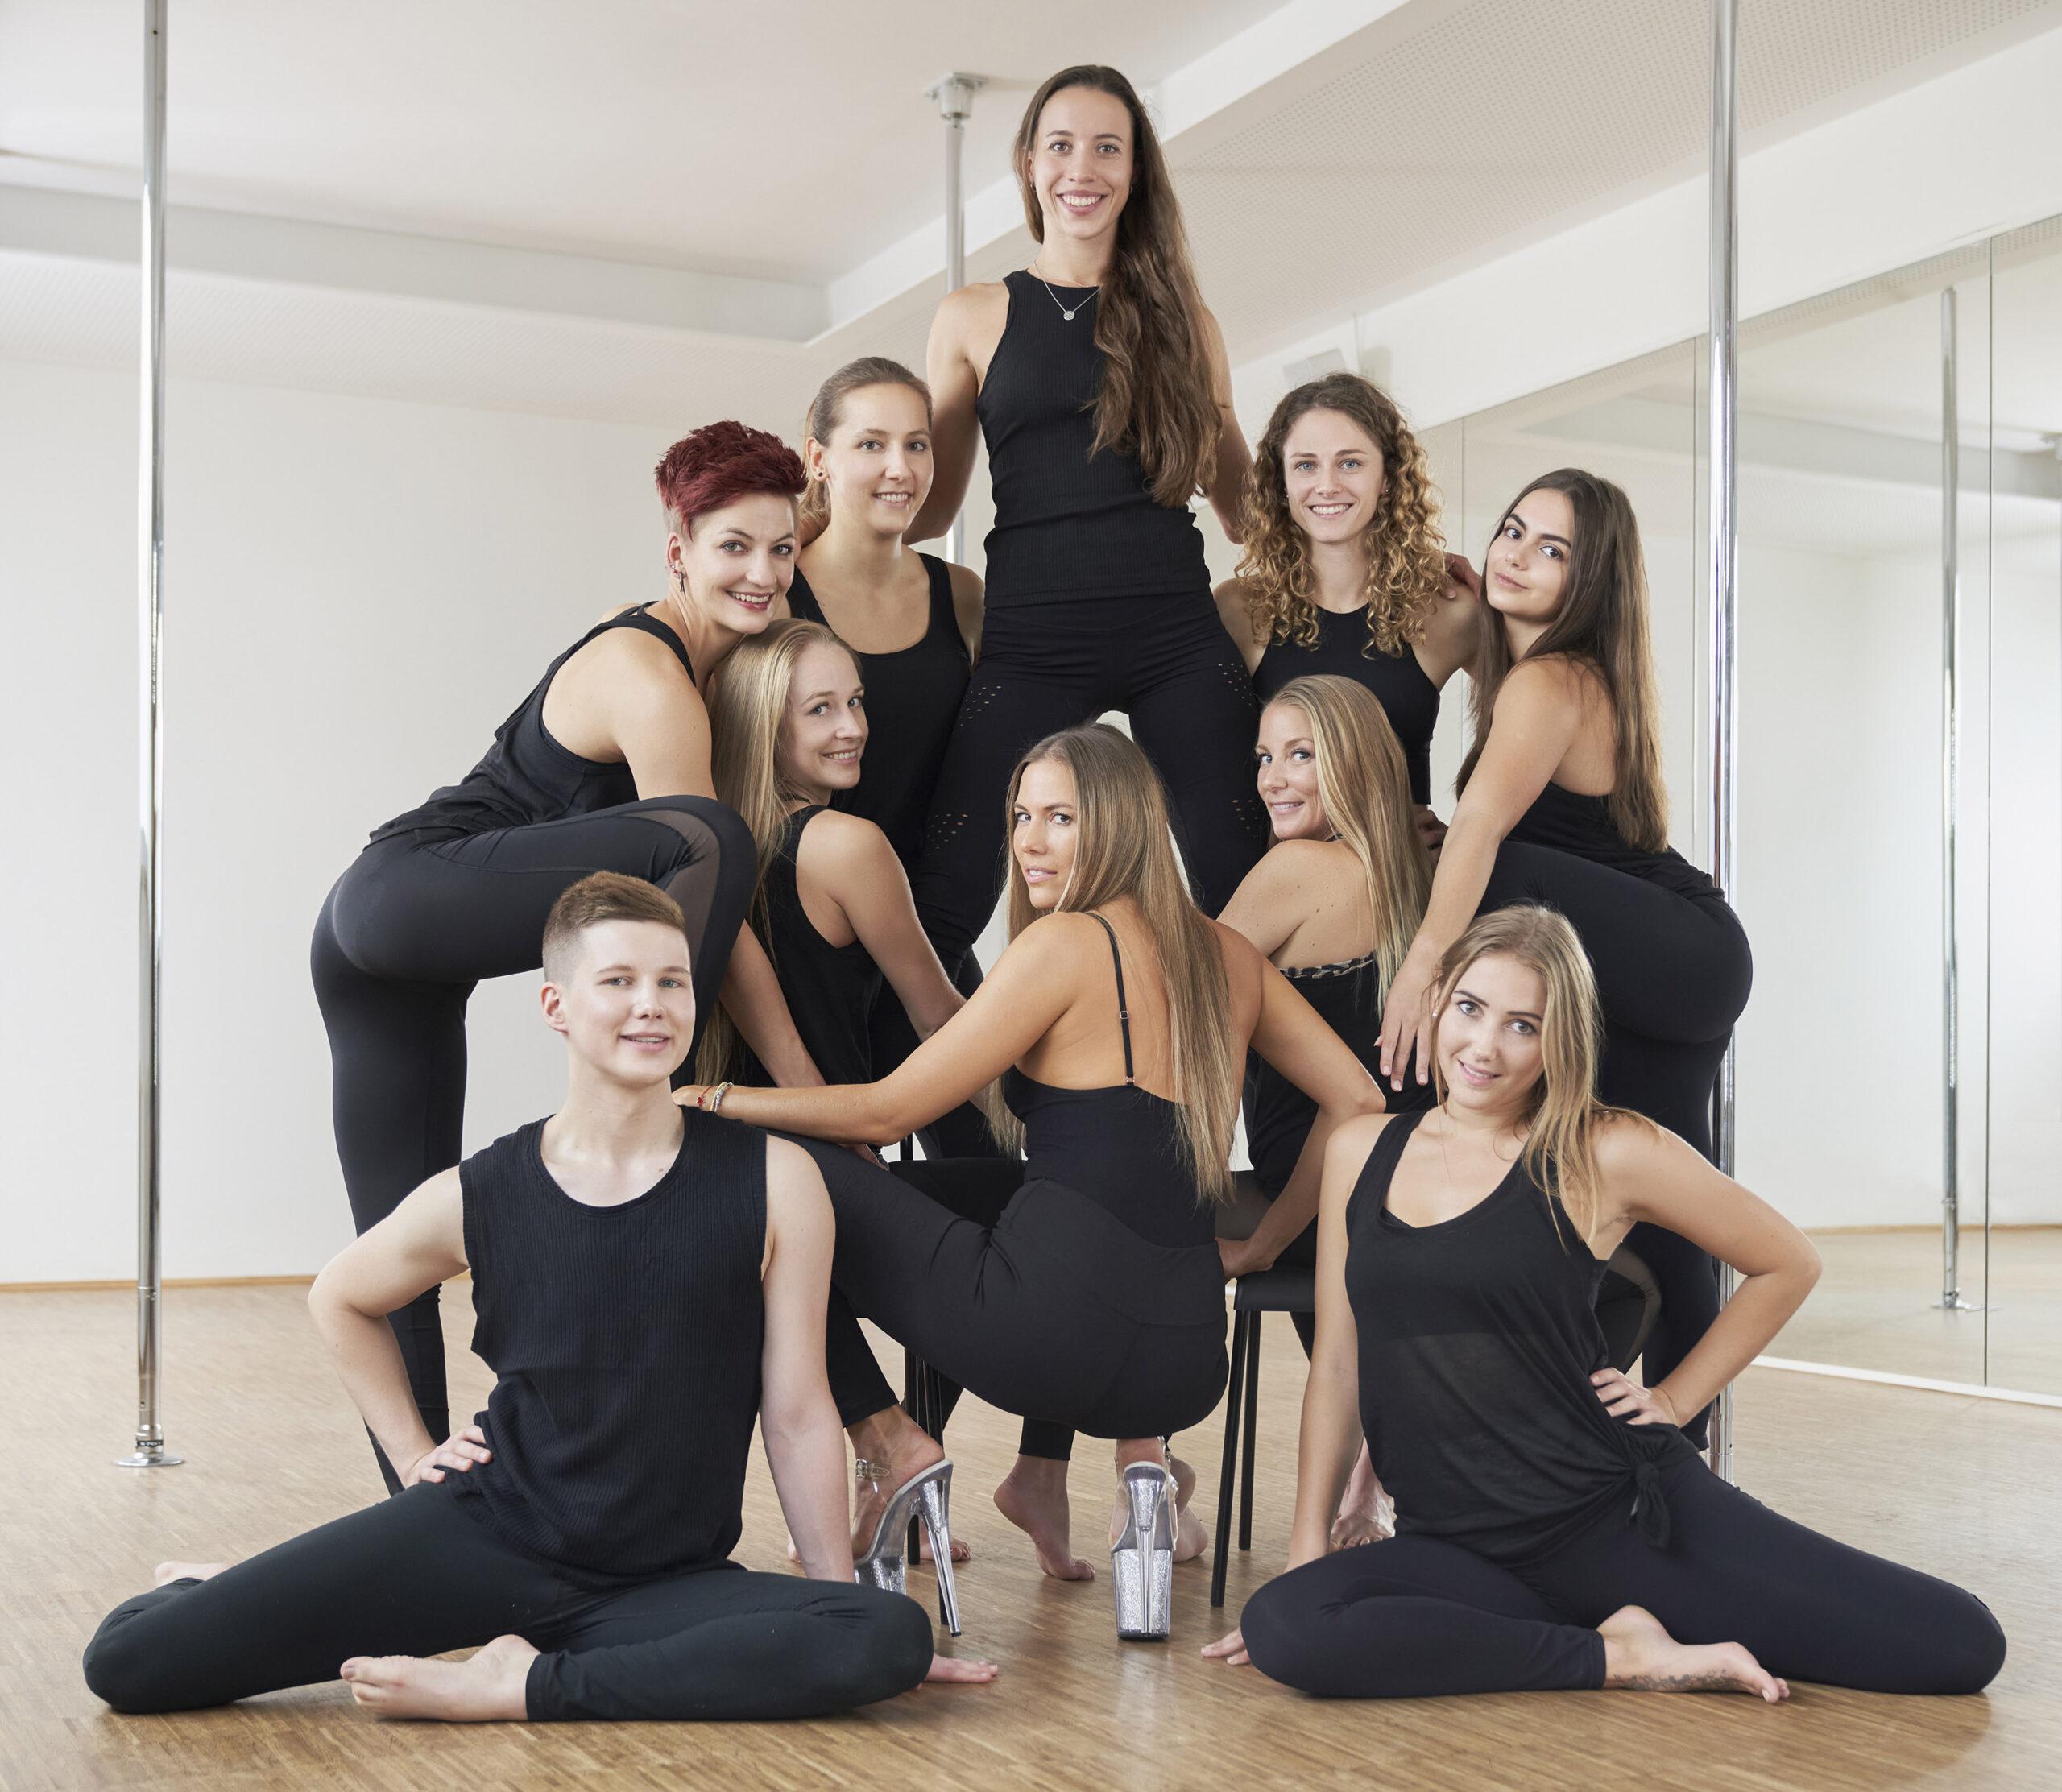 munich-poledance-team